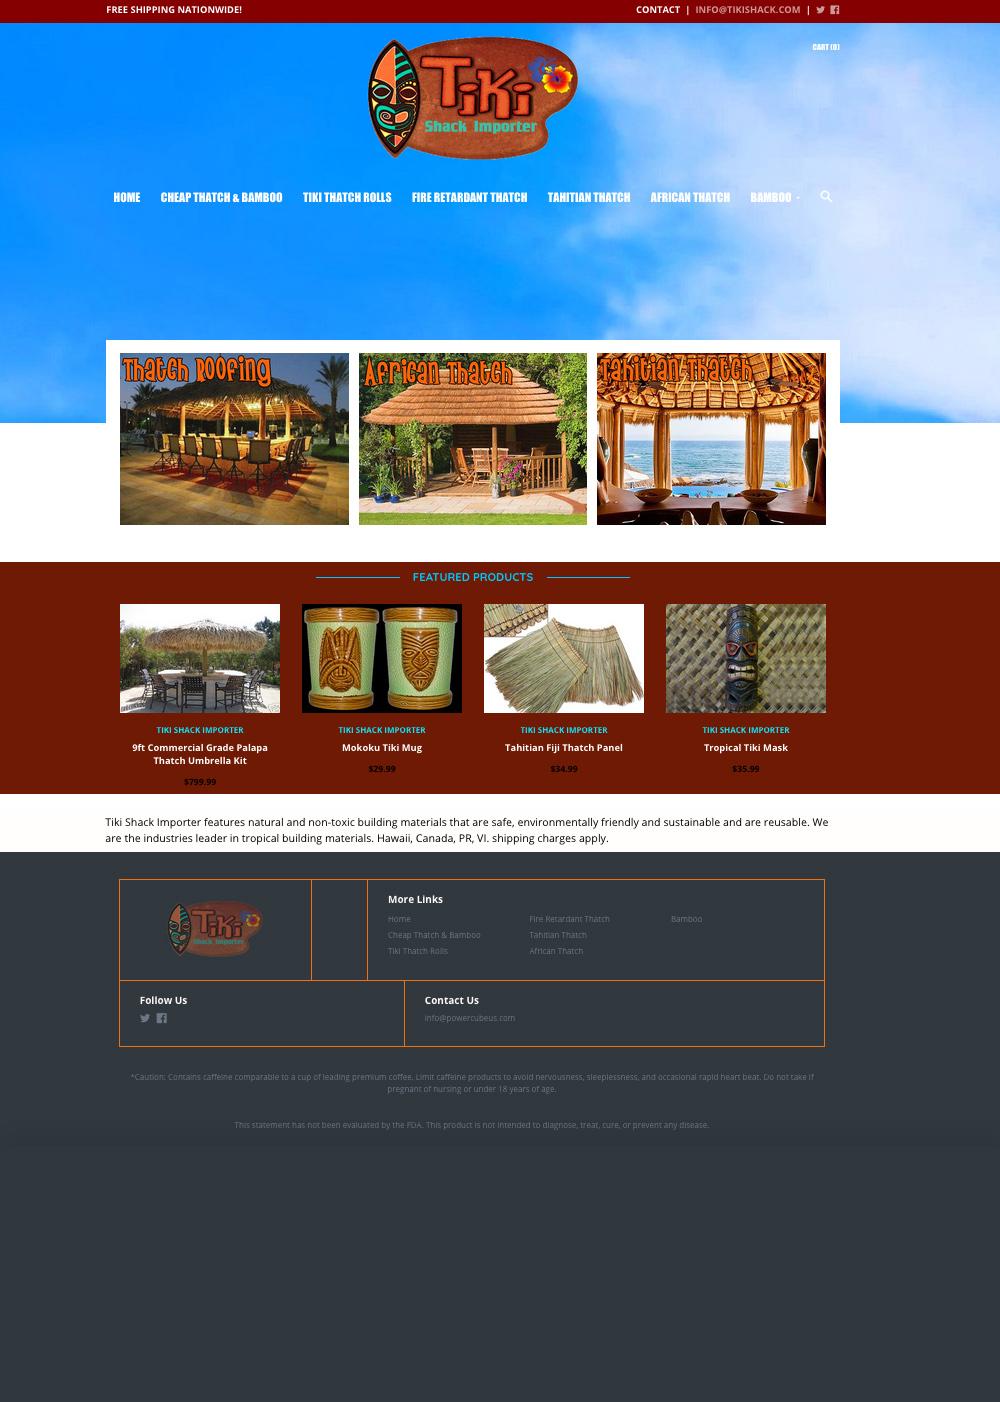 Tiki shack.jpg